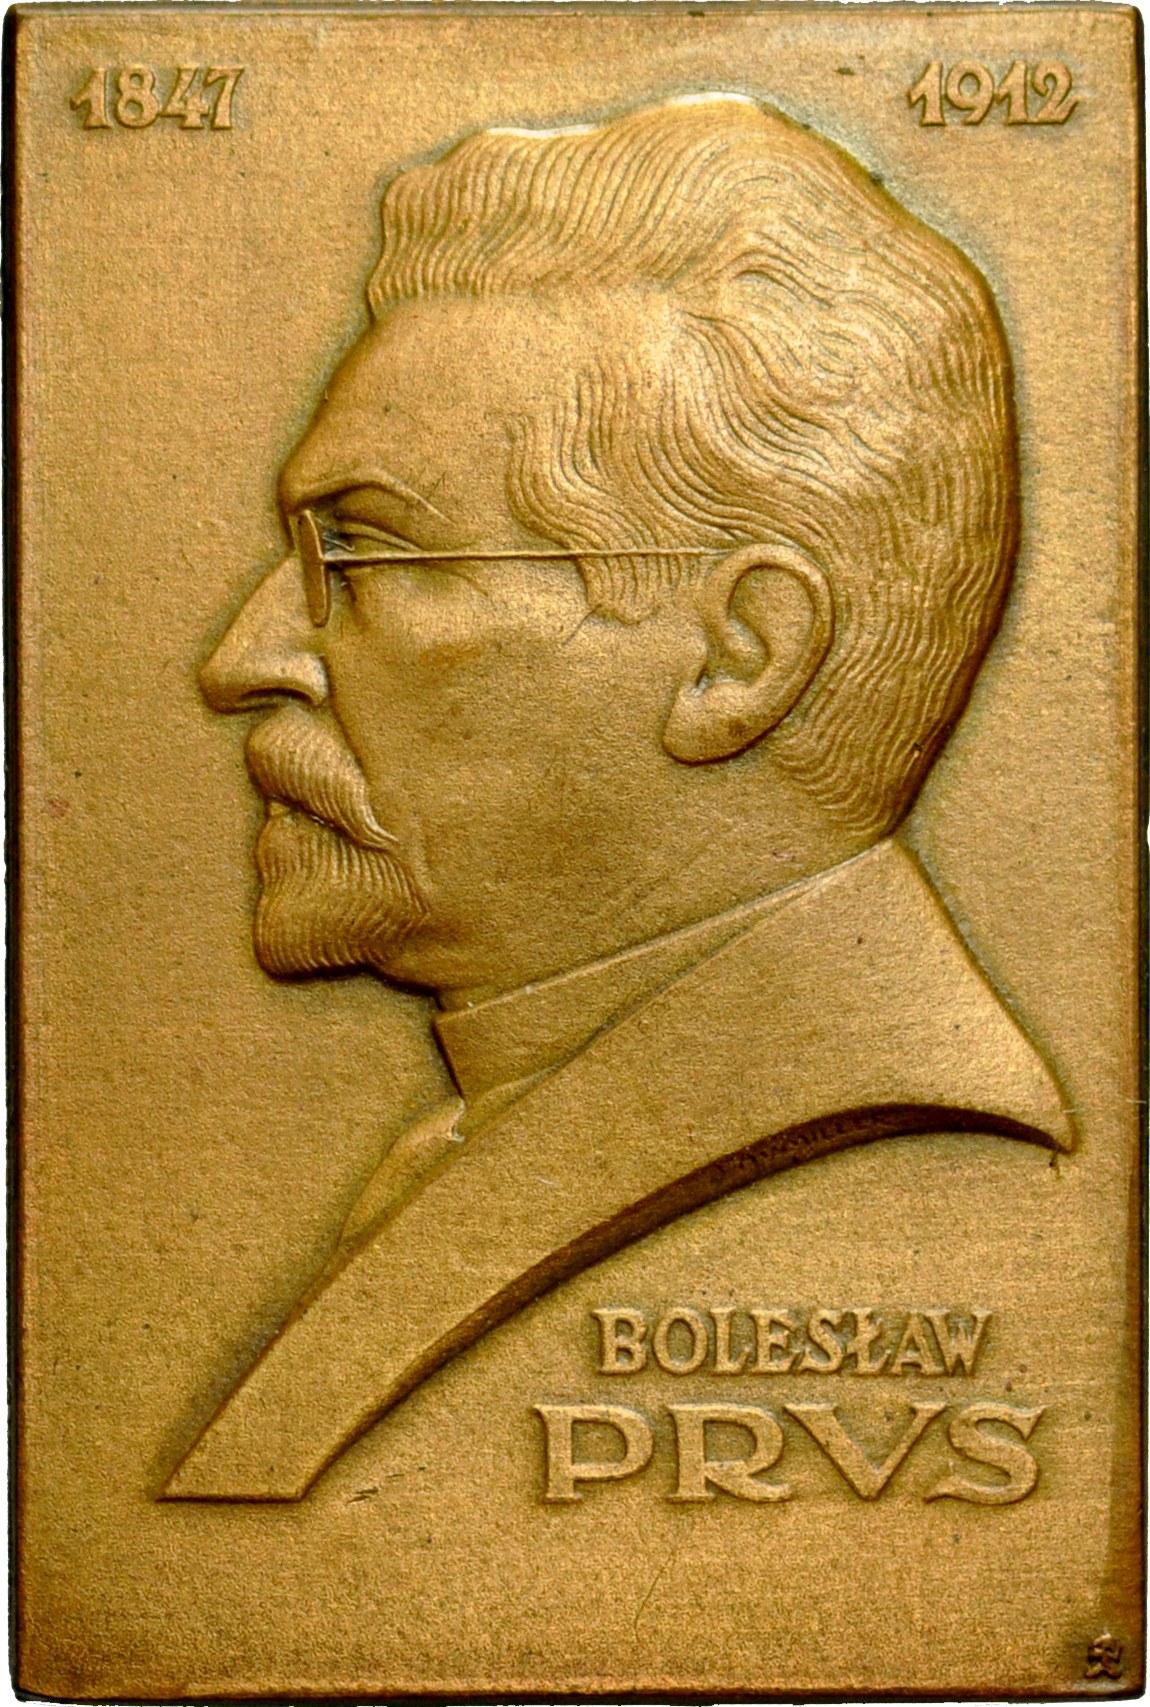 Plakieta autorstwa Aumillera z 1926 roku, poświęcona Bolesławowi Prusowi.